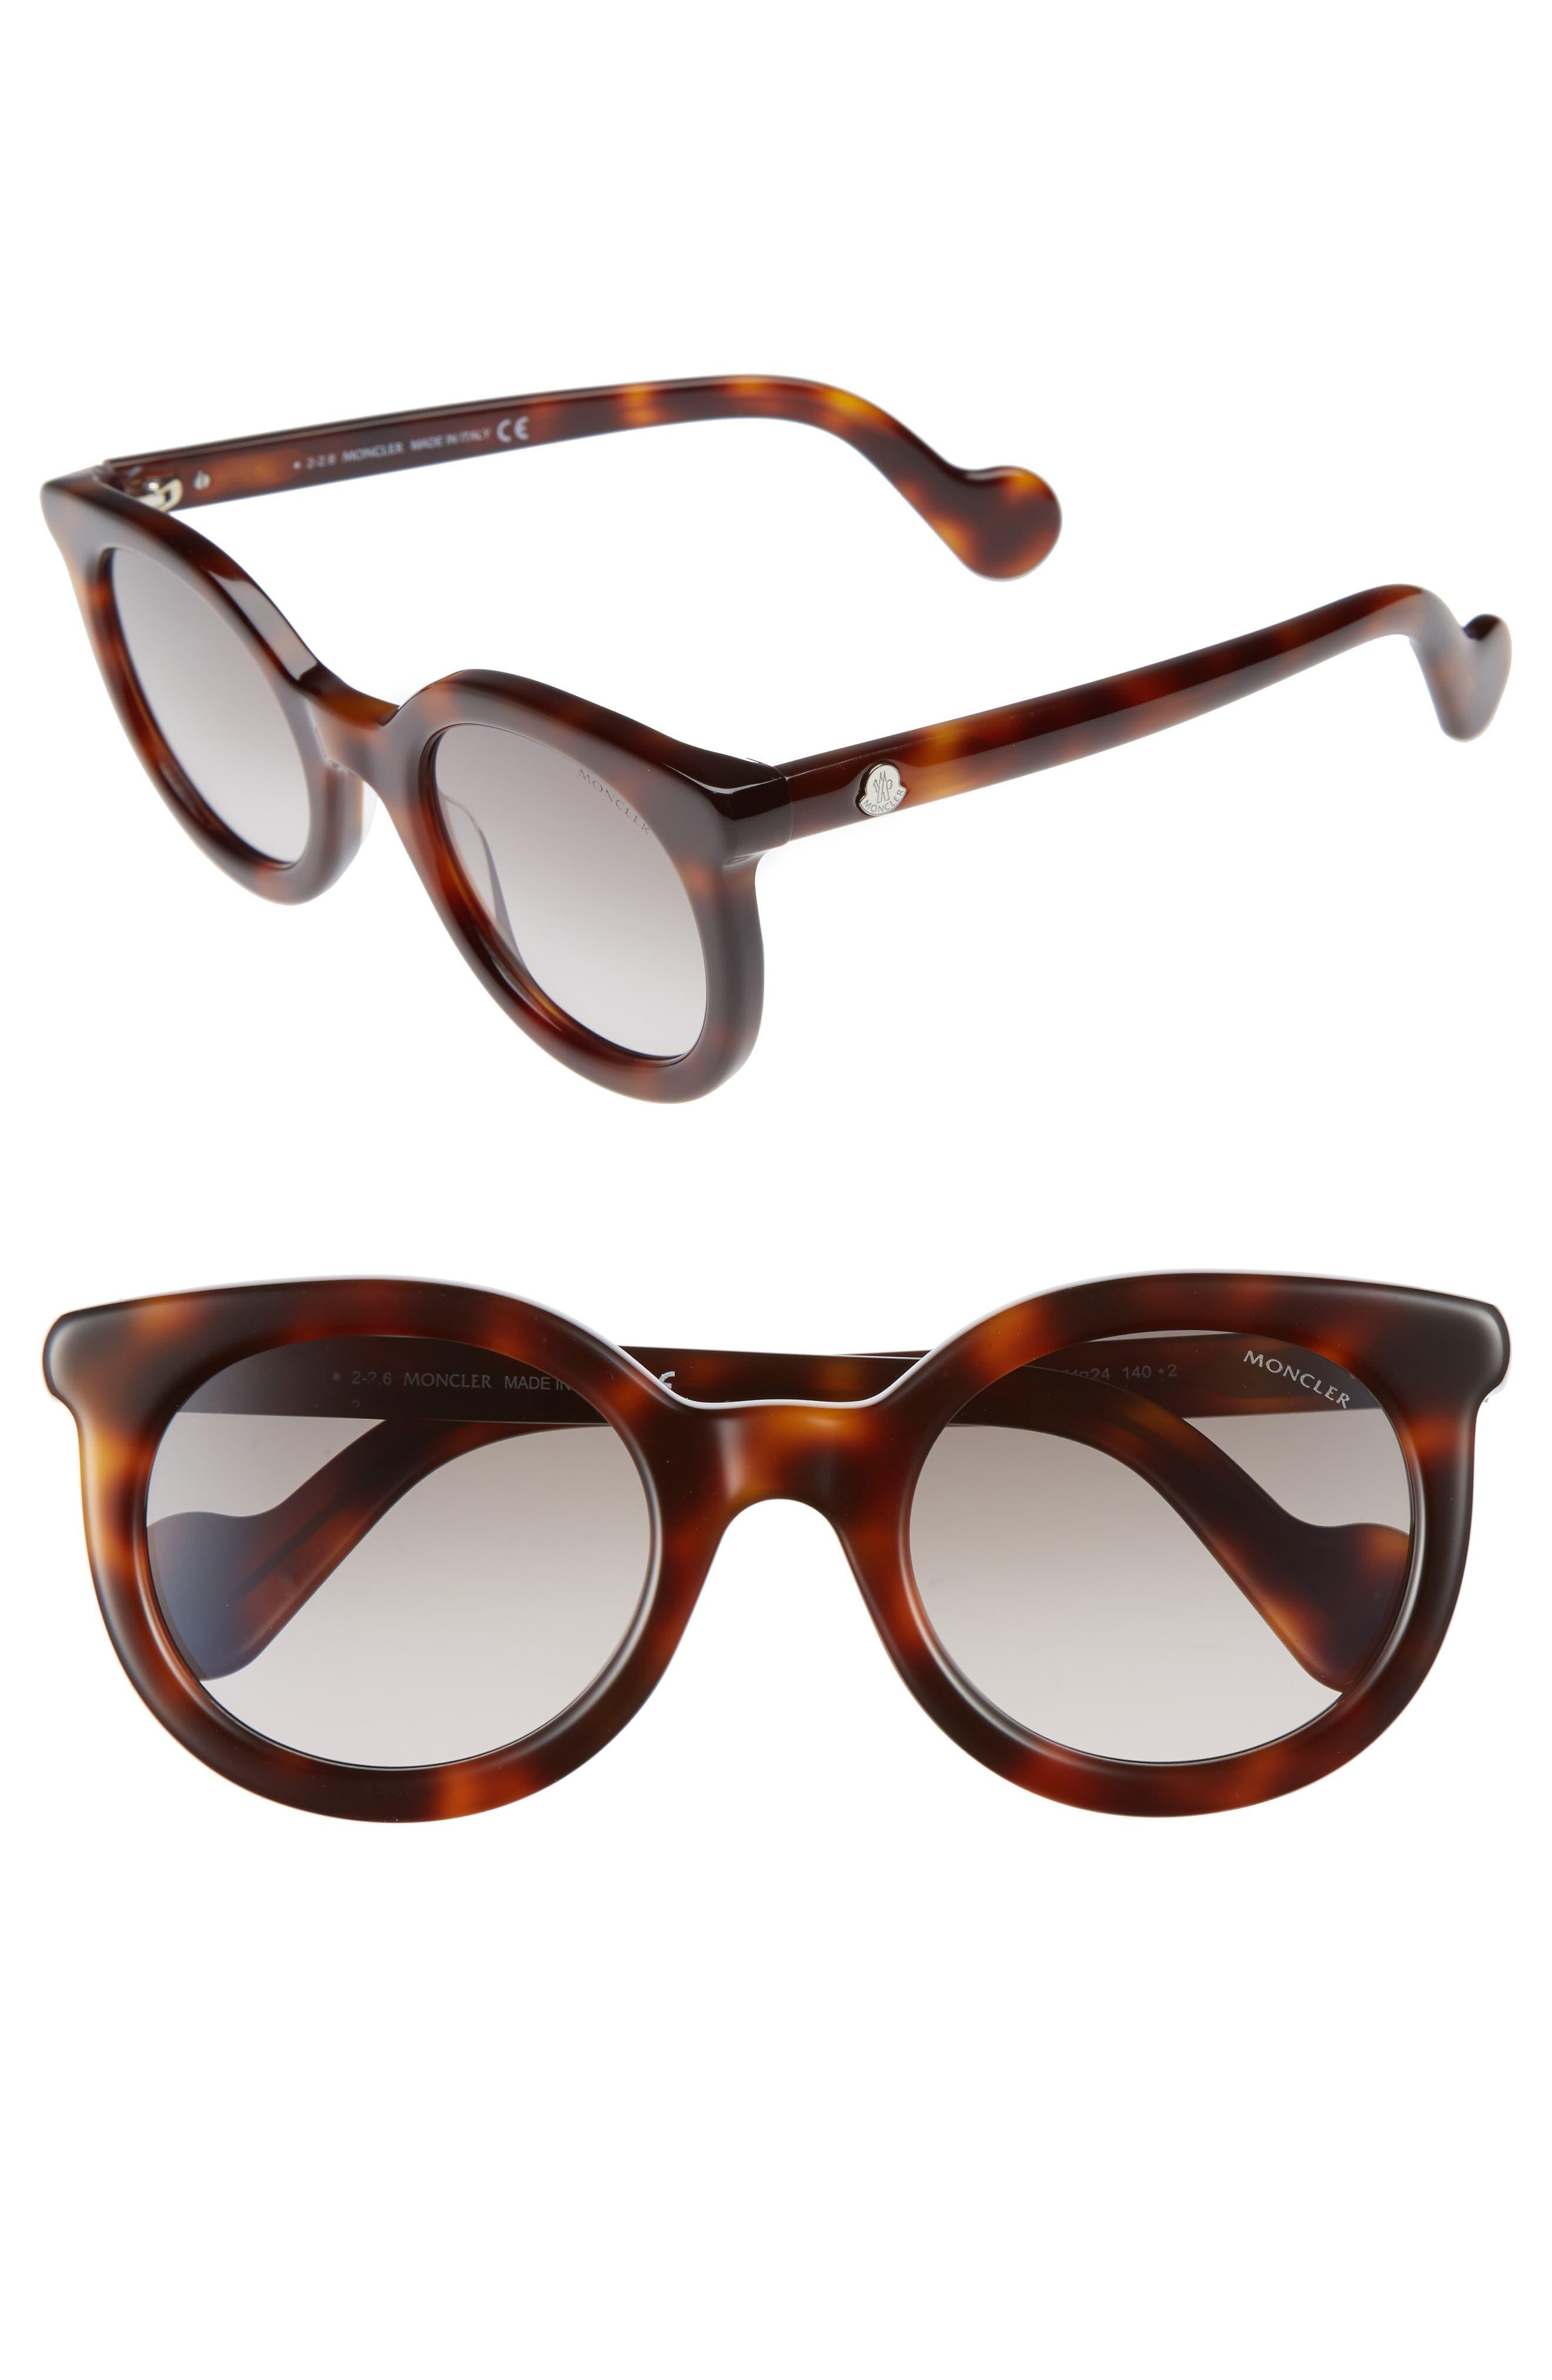 Moncler 51mm Sunglasses